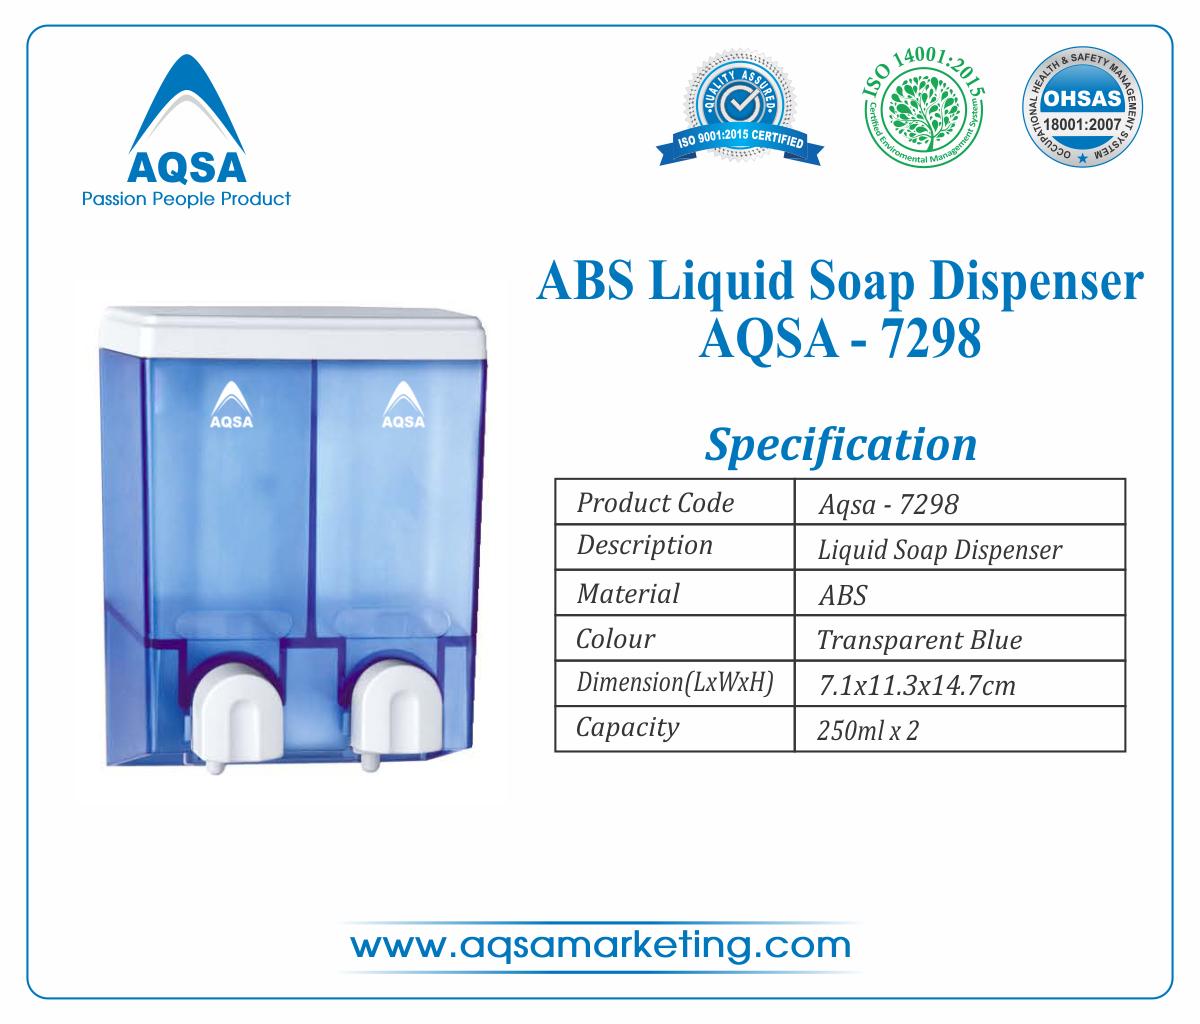 Blue ABS Soap Dispenser  250ml x 2 AQSA-7298 image